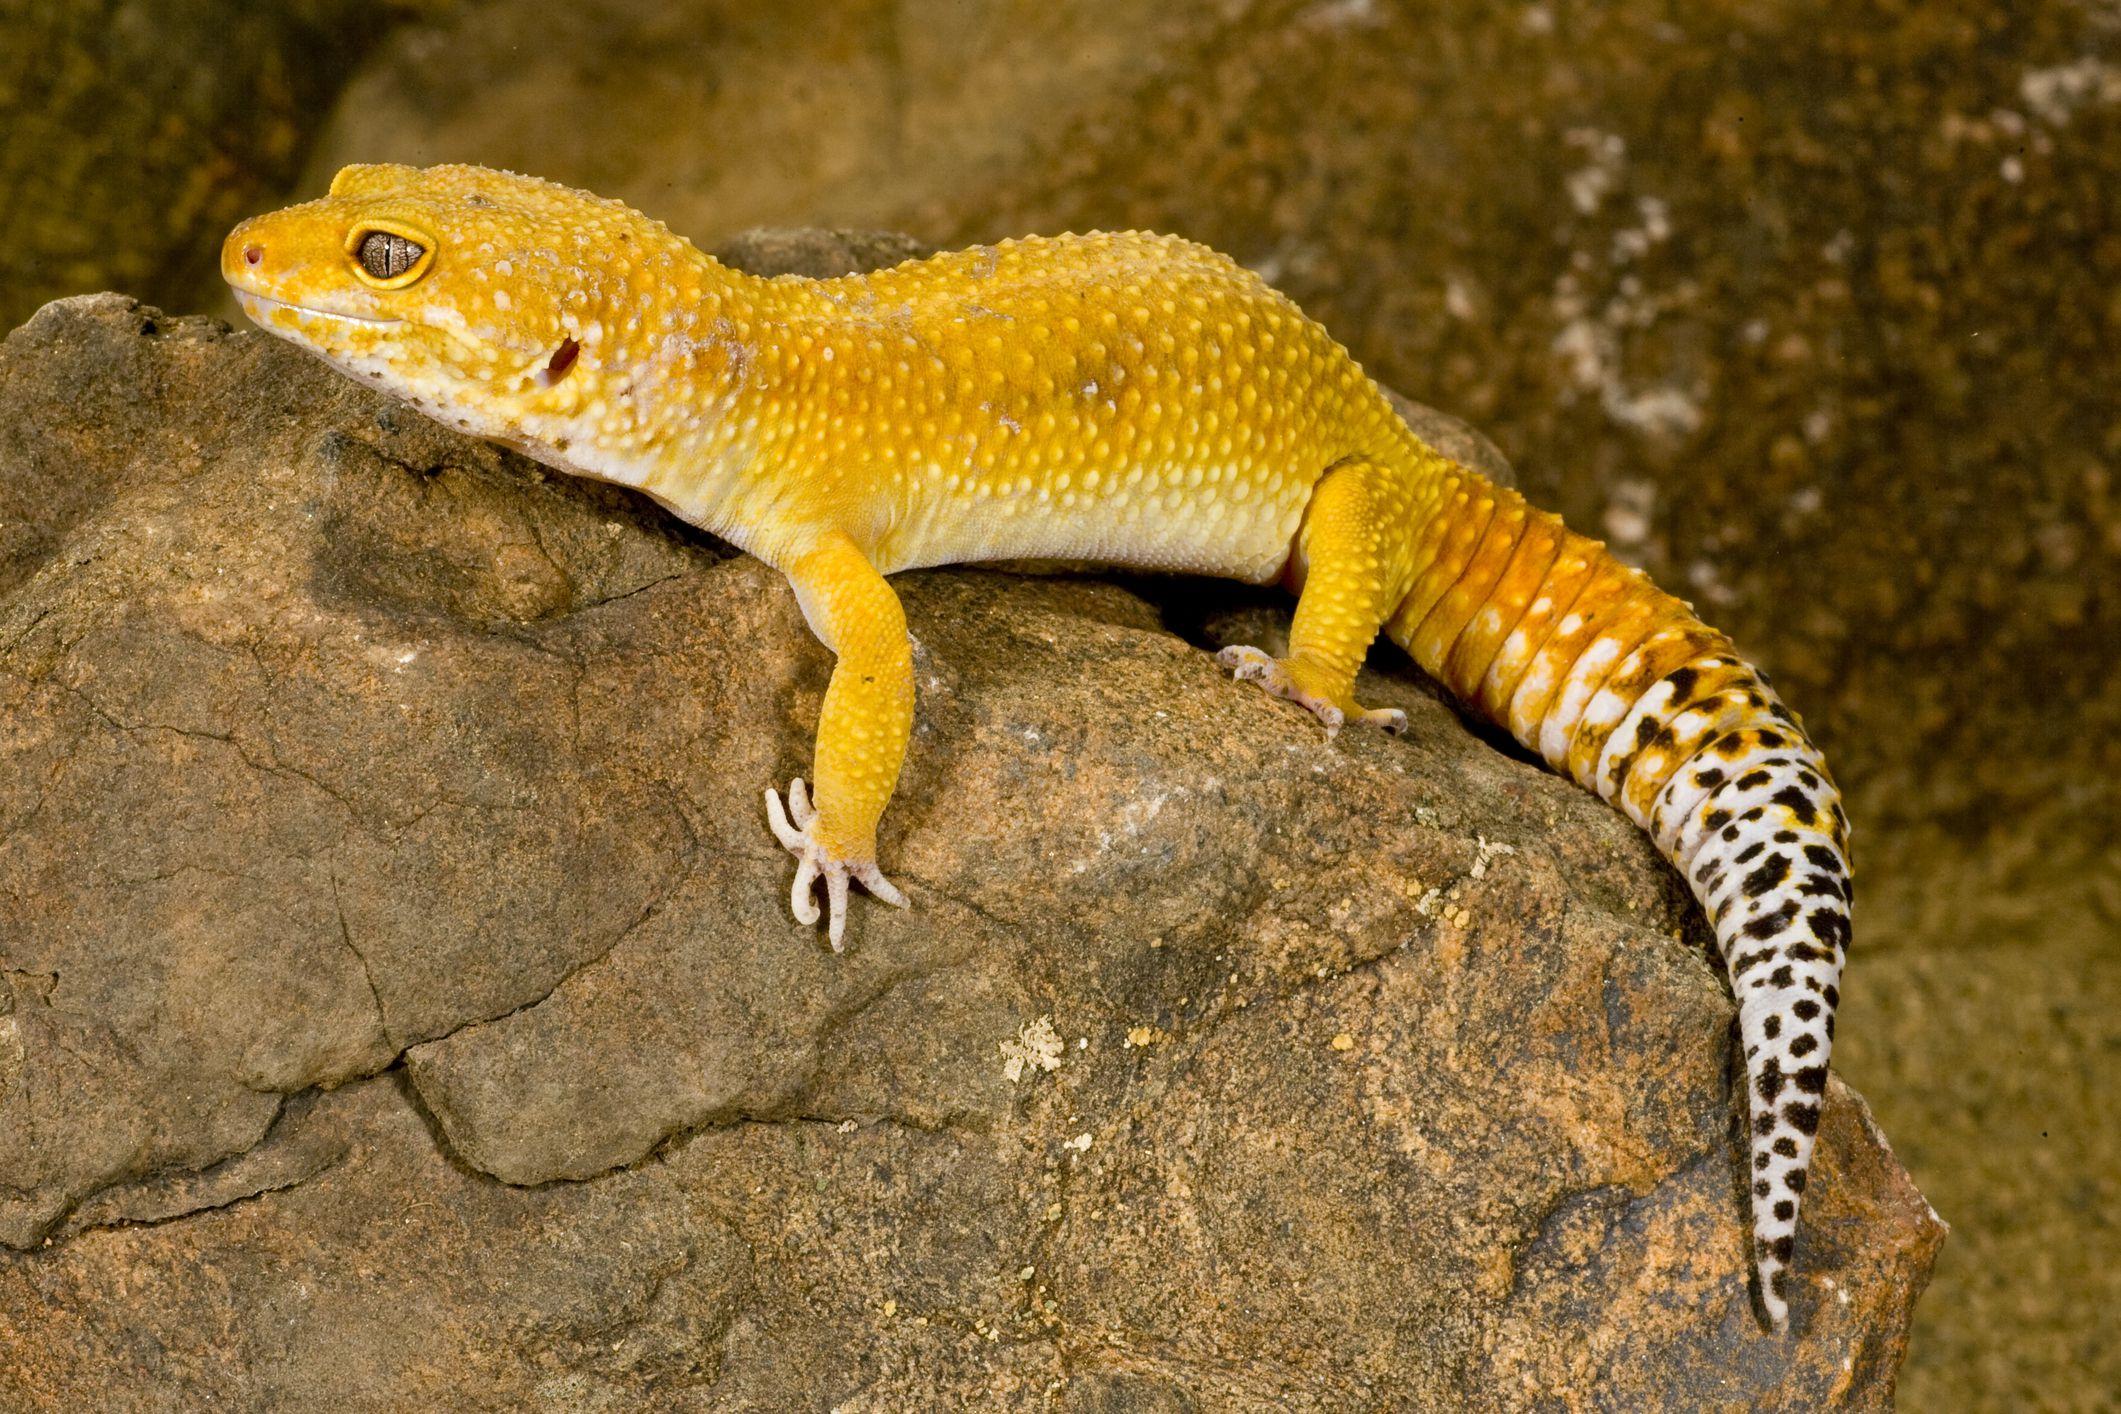 Leopard gecko armpits fat leopard geckos what colors do leopard geckos come in nvjuhfo Images